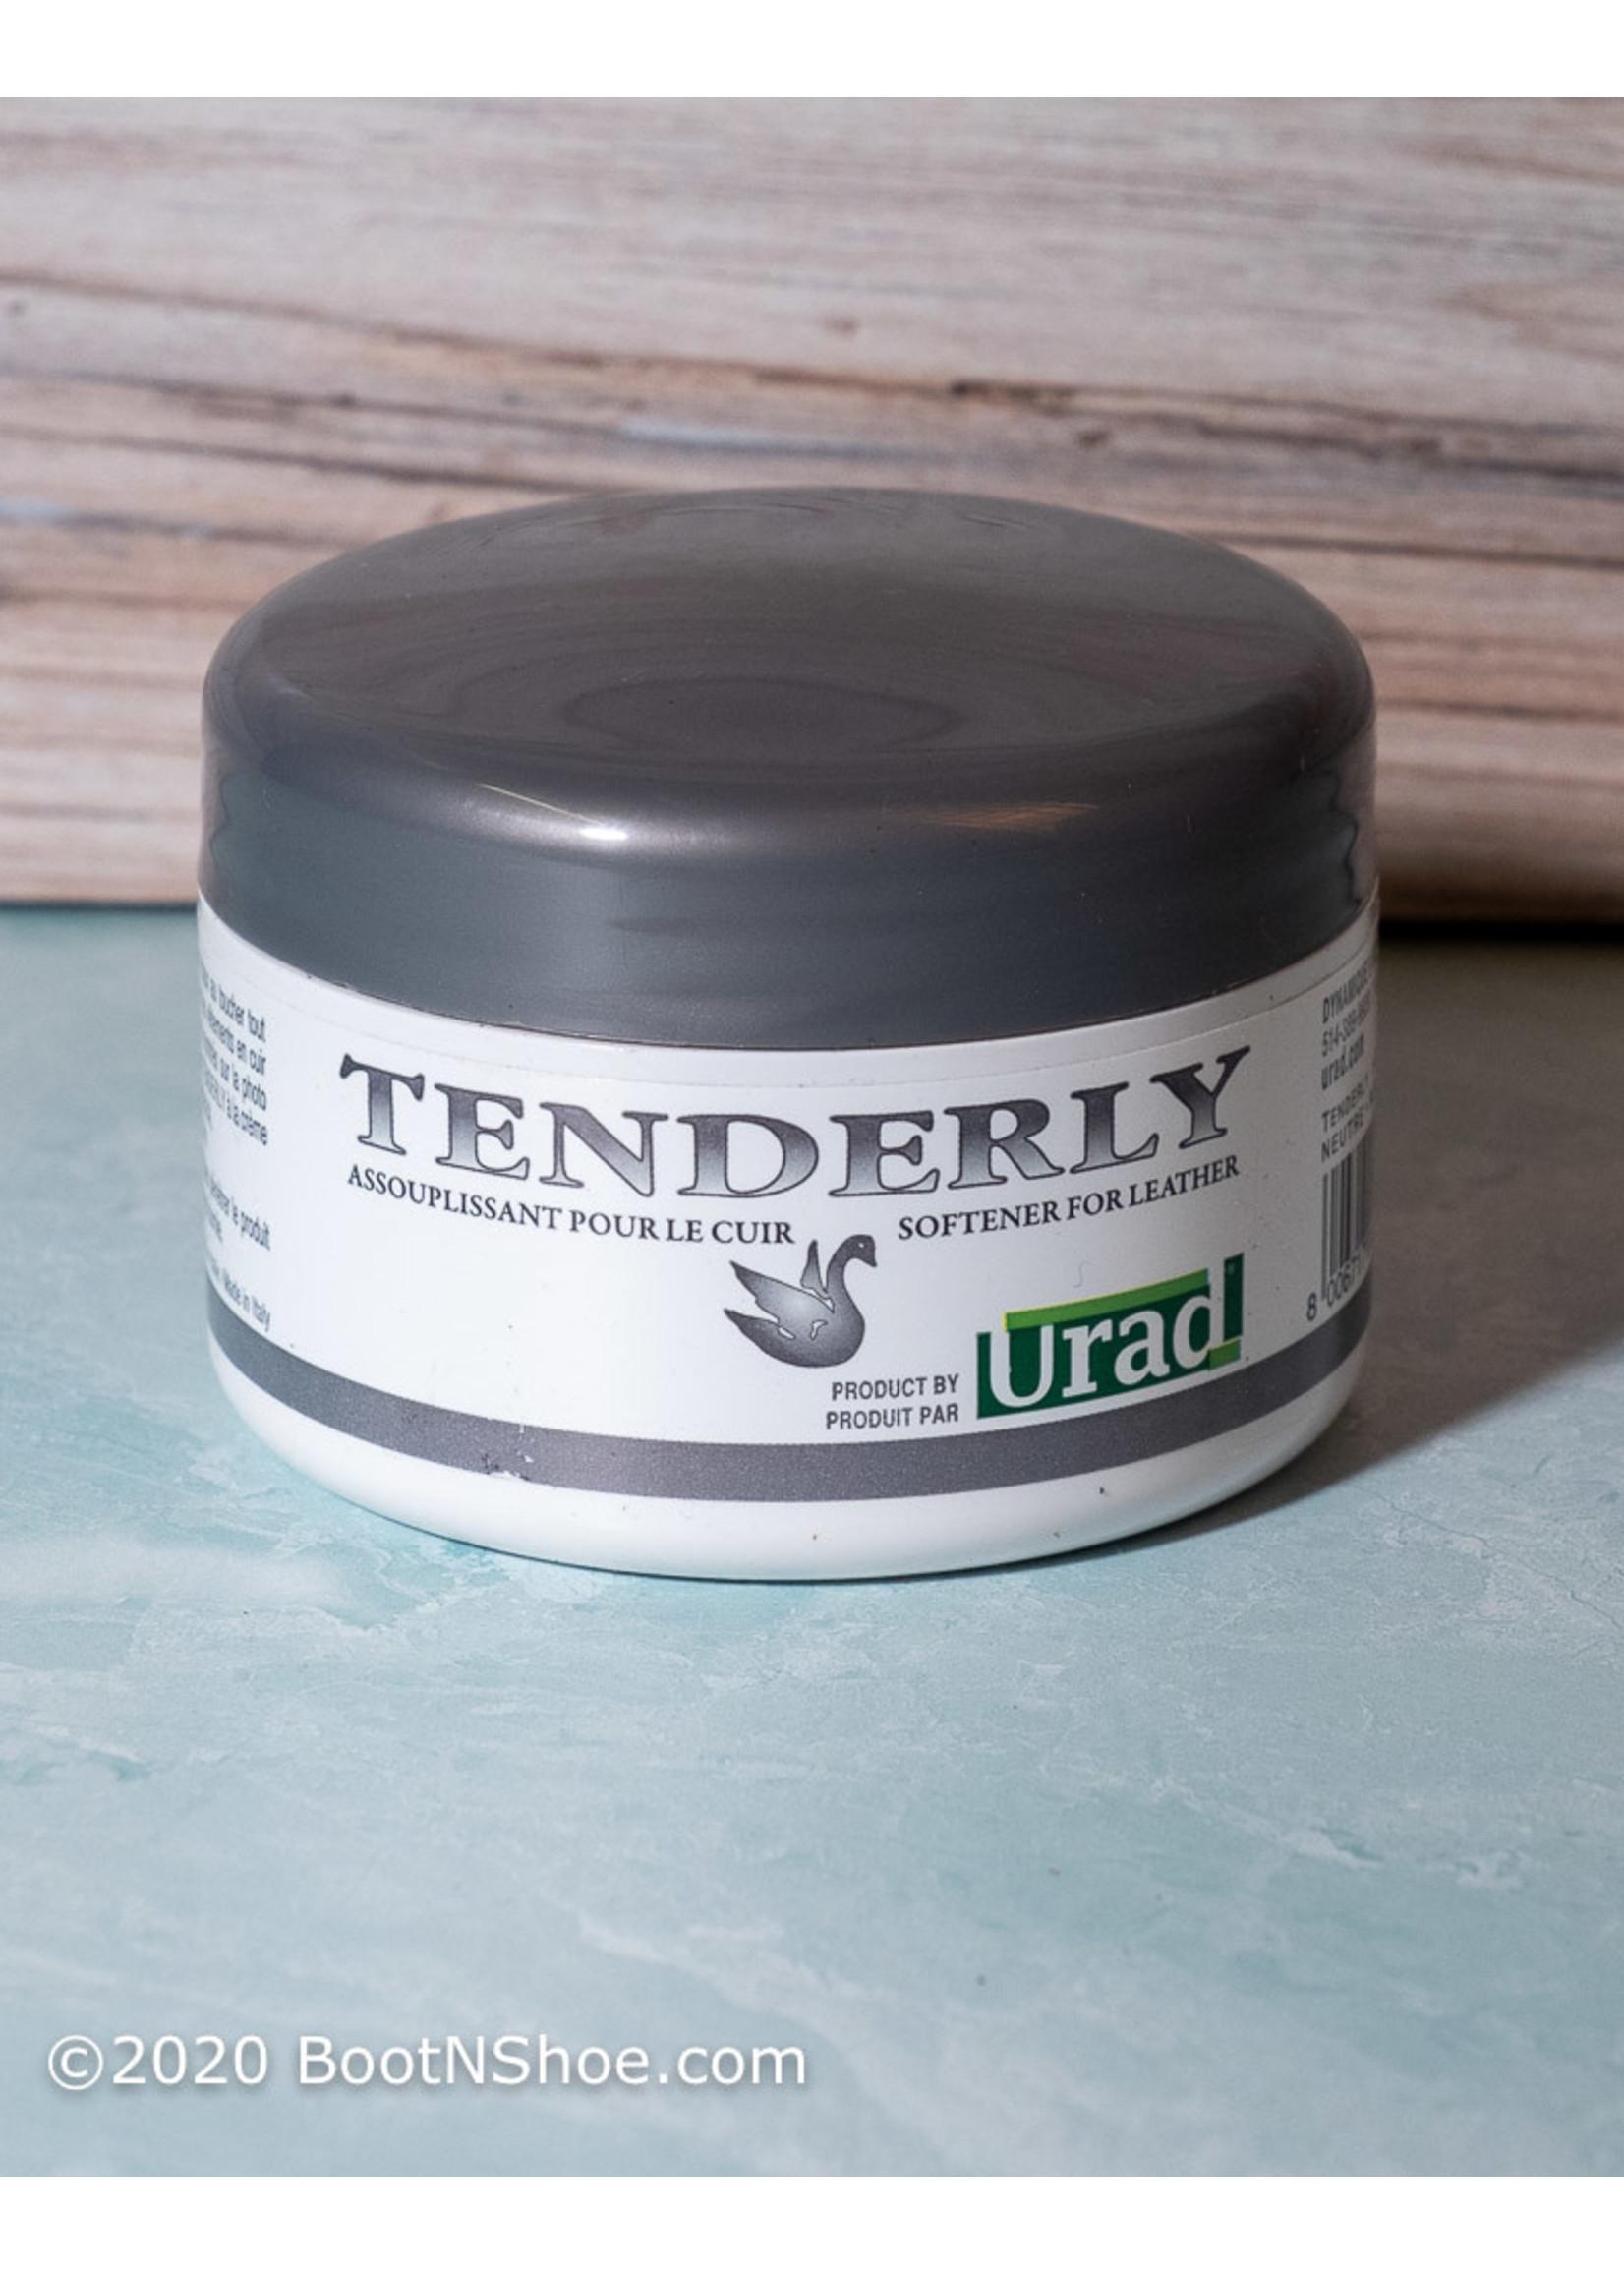 Tenderly Softener for Leather